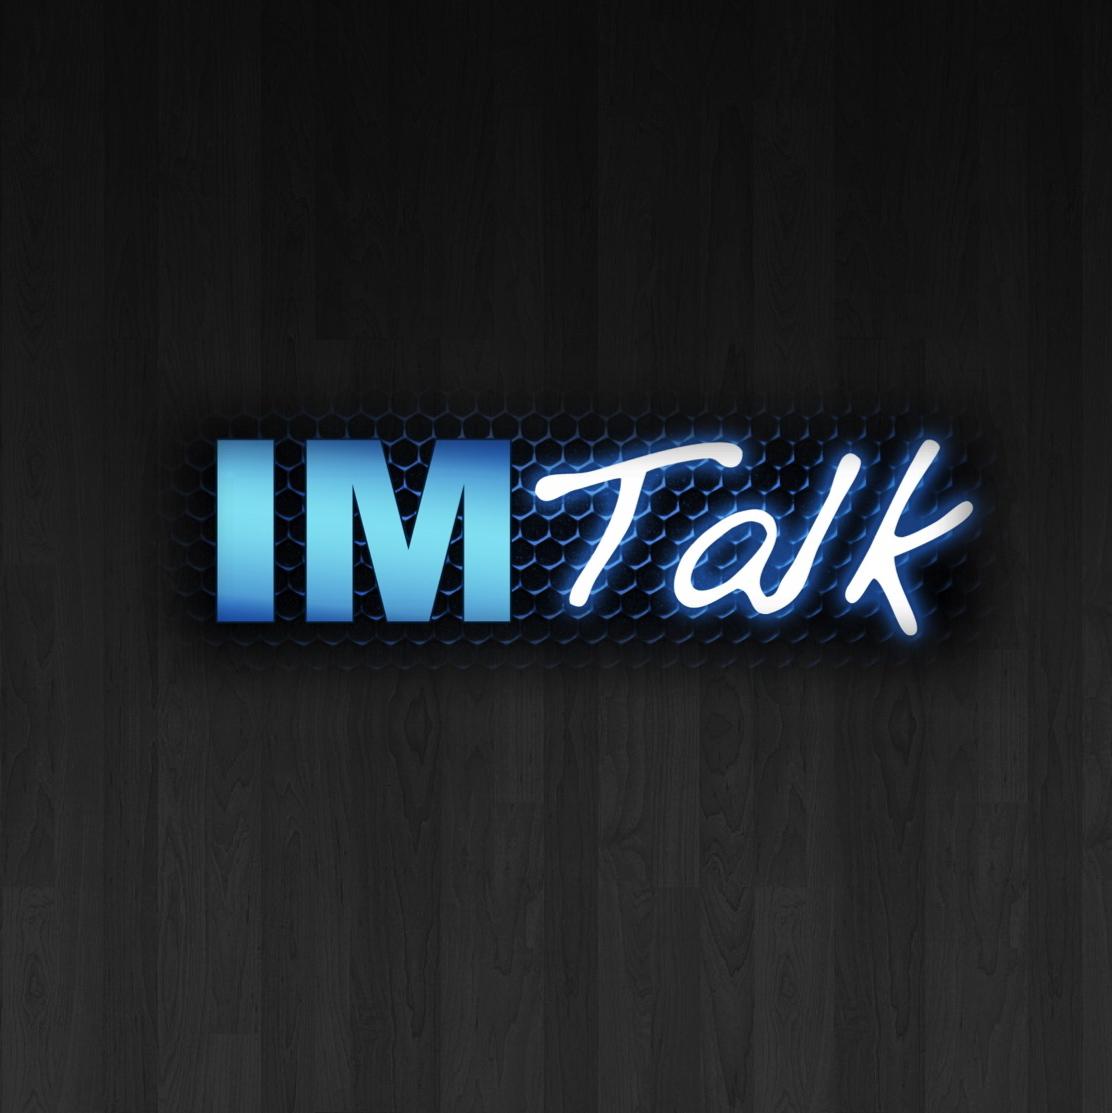 IMTalk Episode 716 - Greg McDermott show art